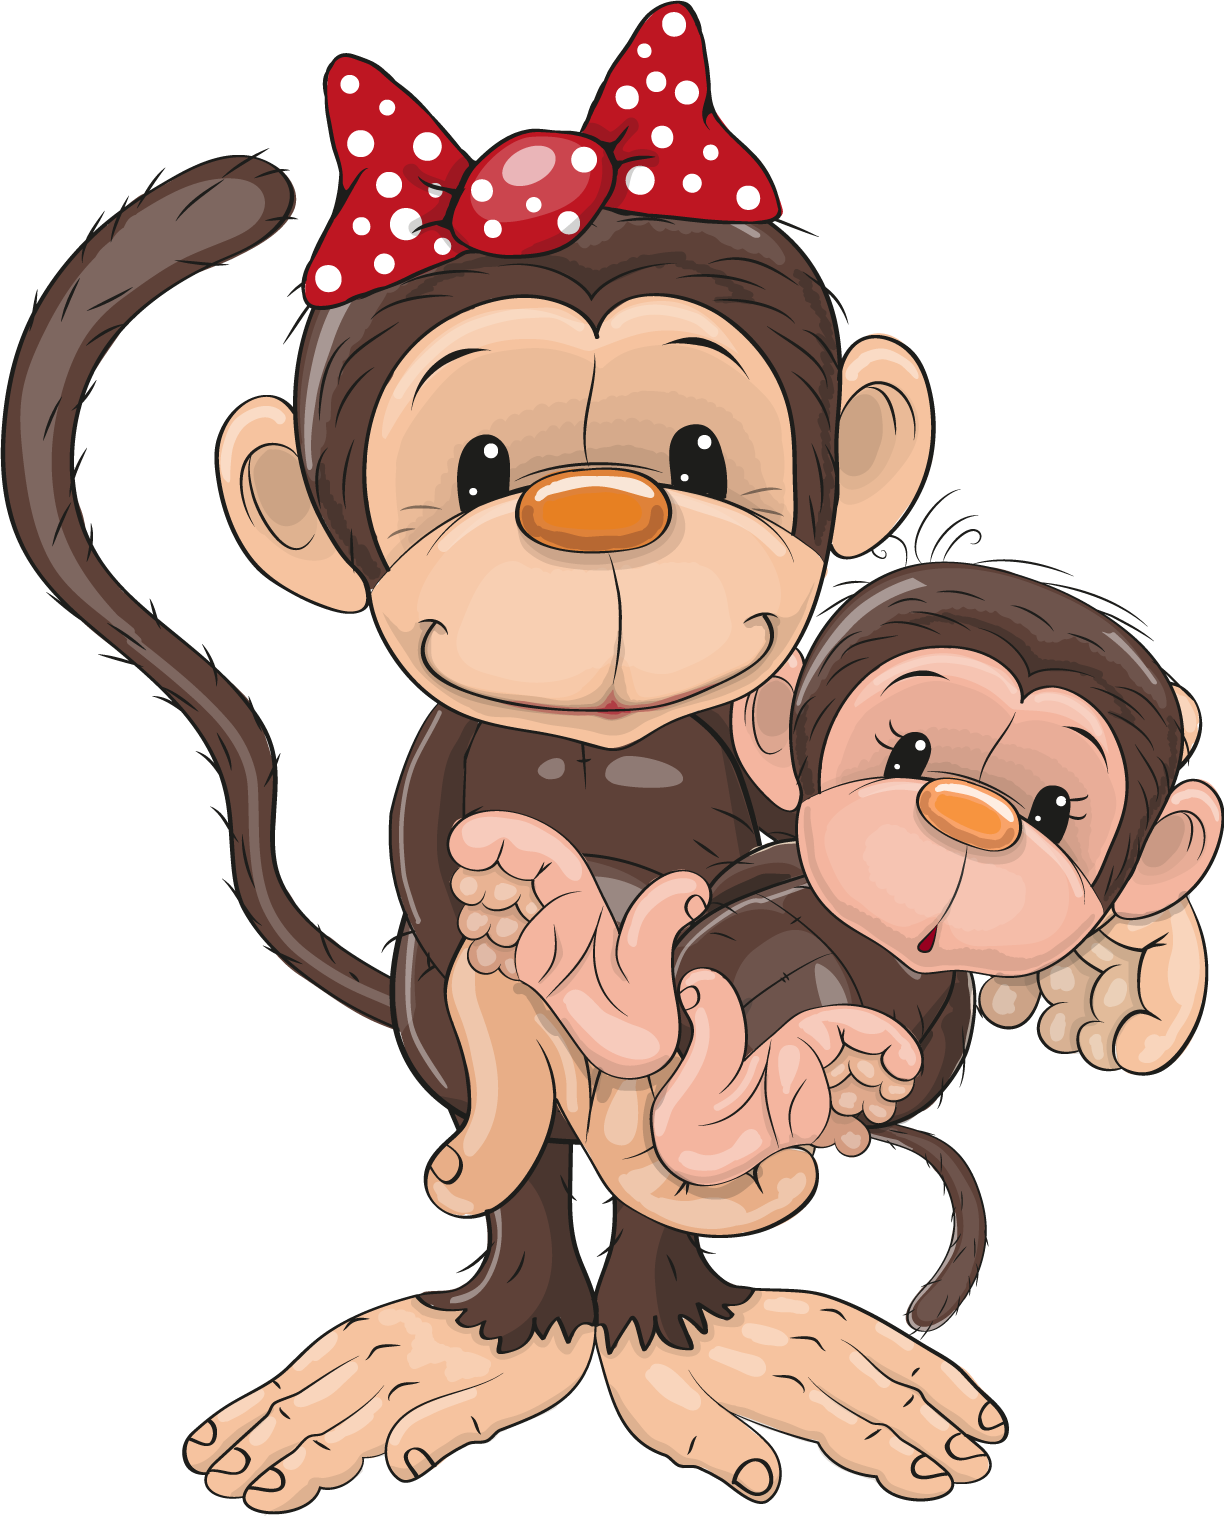 Картинка из мультиков прикольной обезьянки, радости